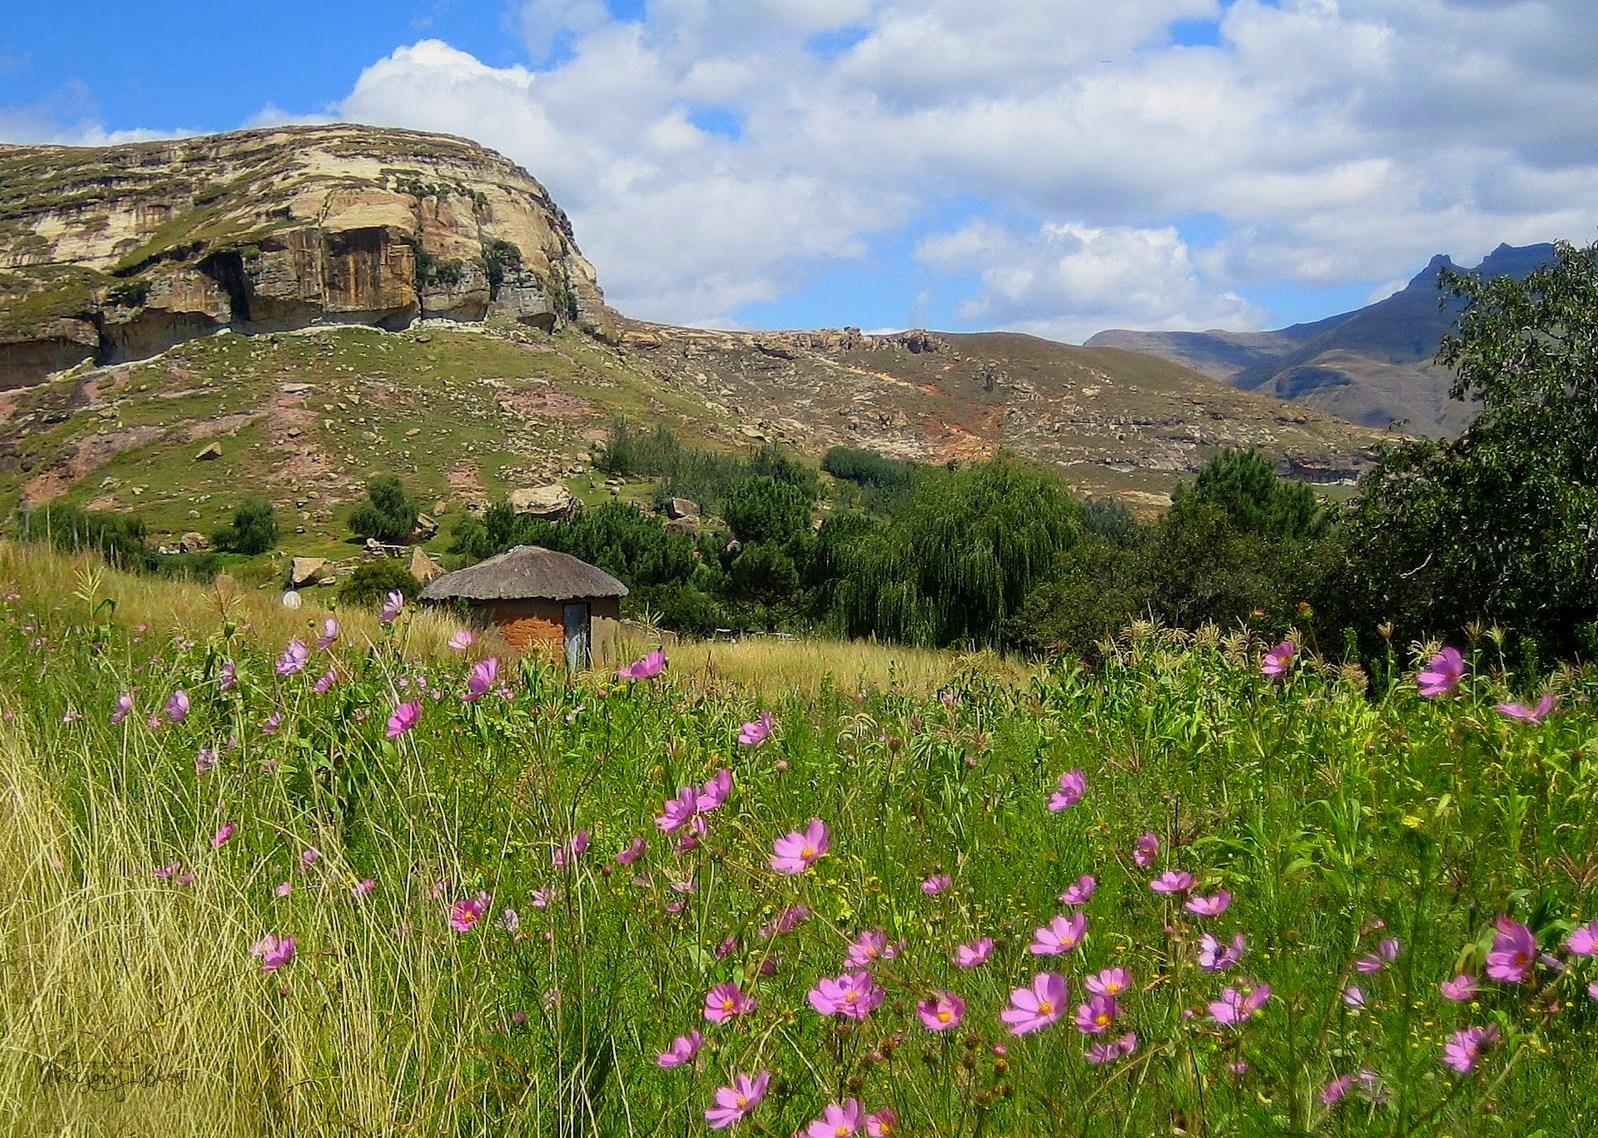 O Lesotho i nielegalnej wizycie w zapomnianym królestwie. Kulinarnie proste jedzenie - pap z chakalaką.